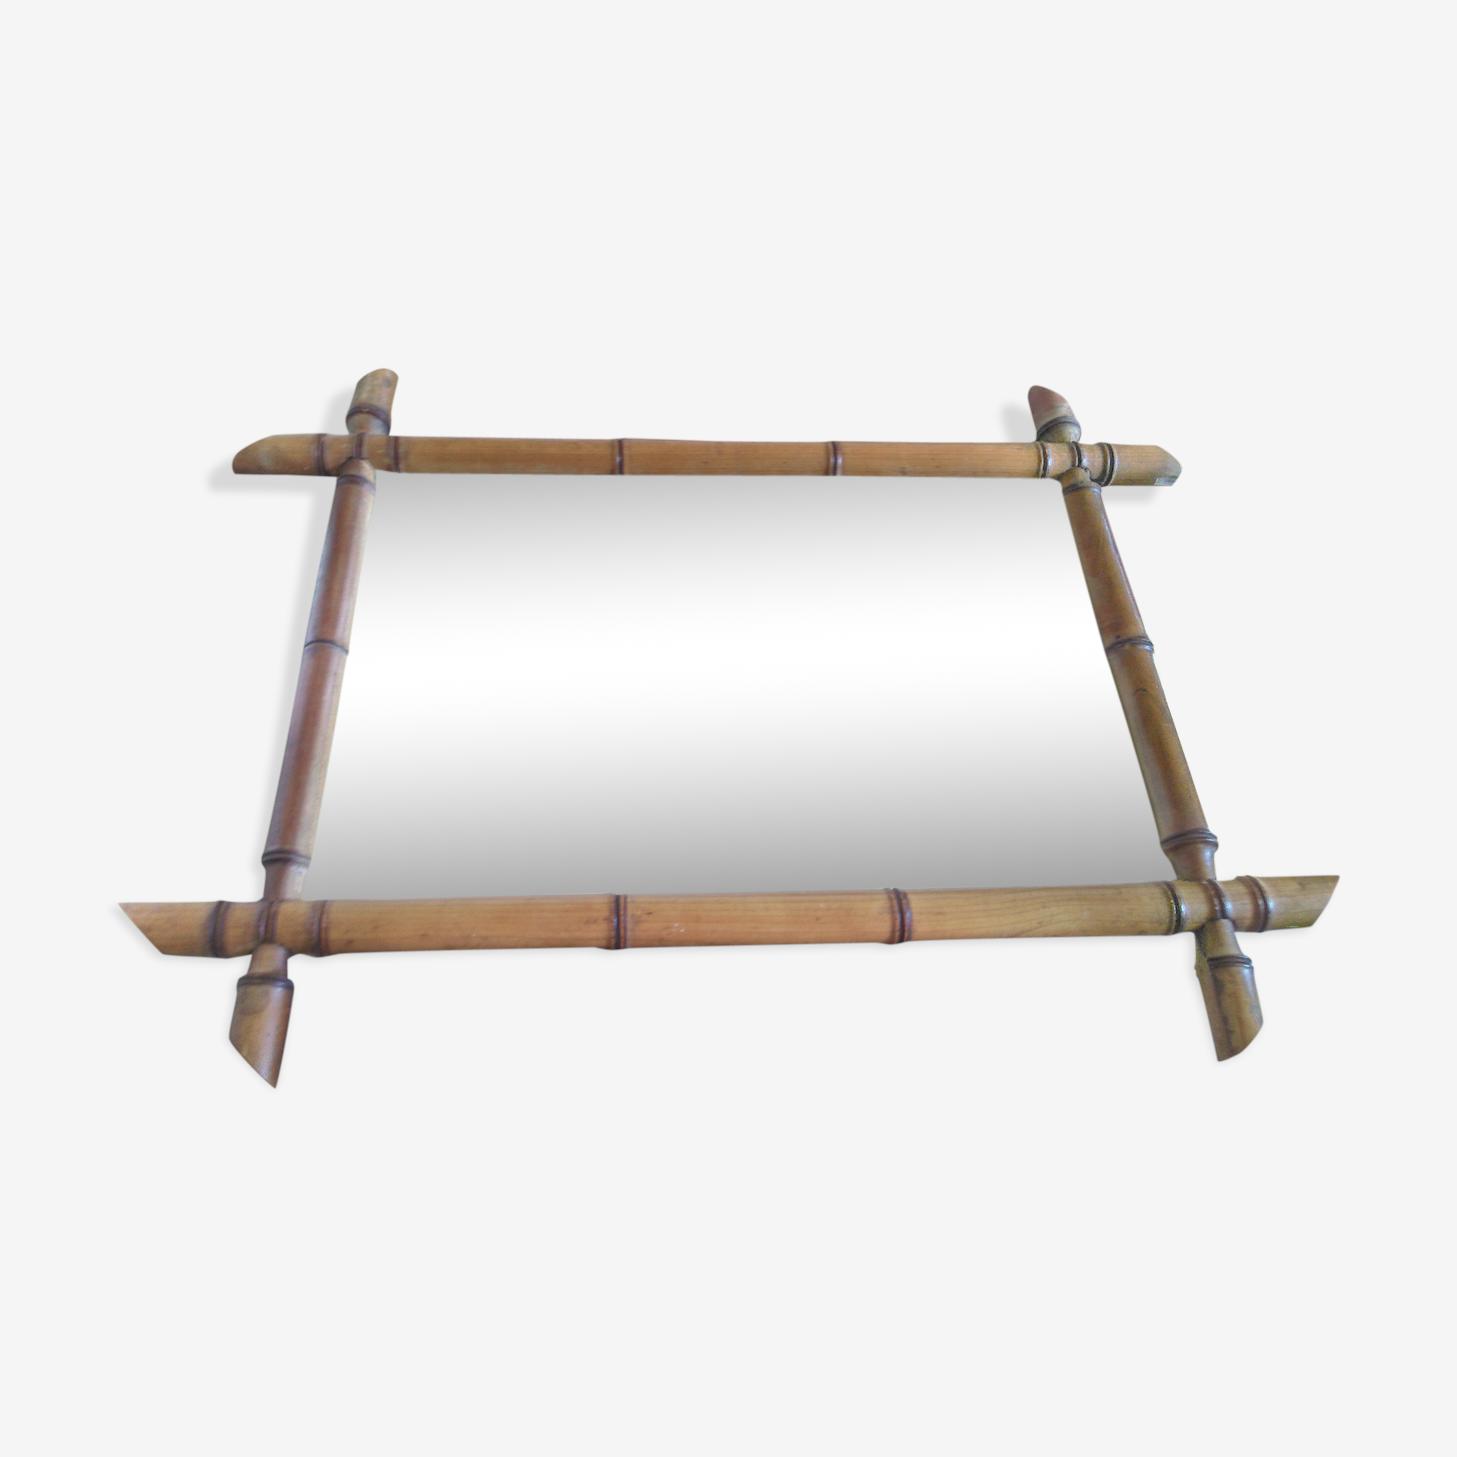 Miroir rectangulaire bambou 57x43cm